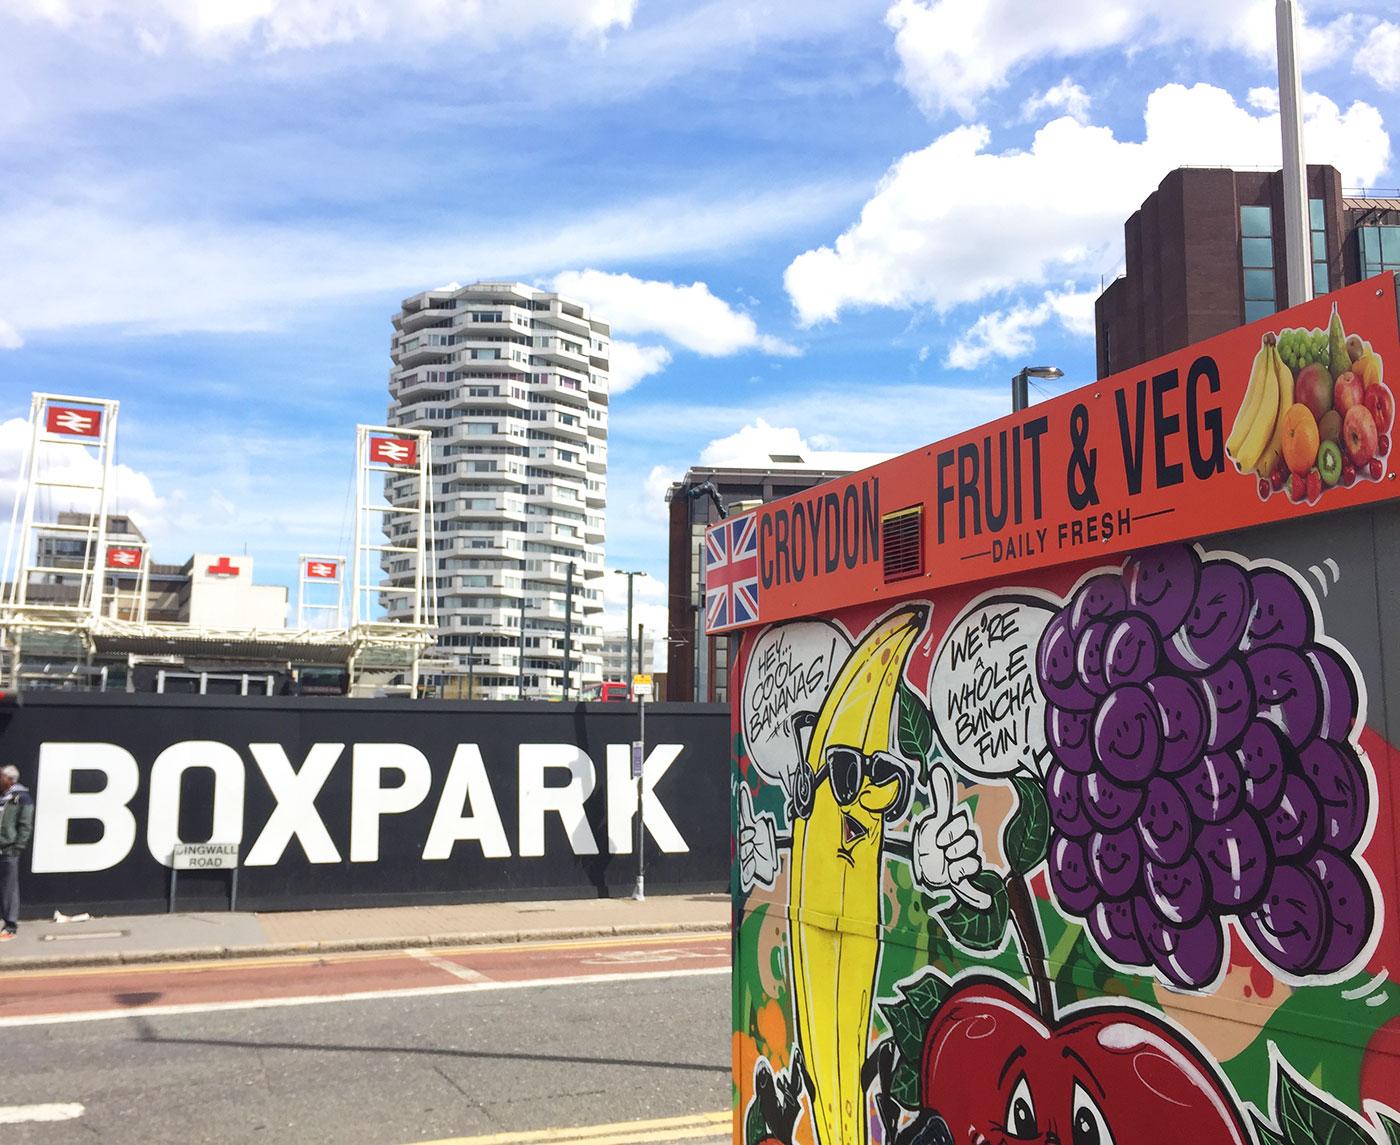 Croydon Boxpark